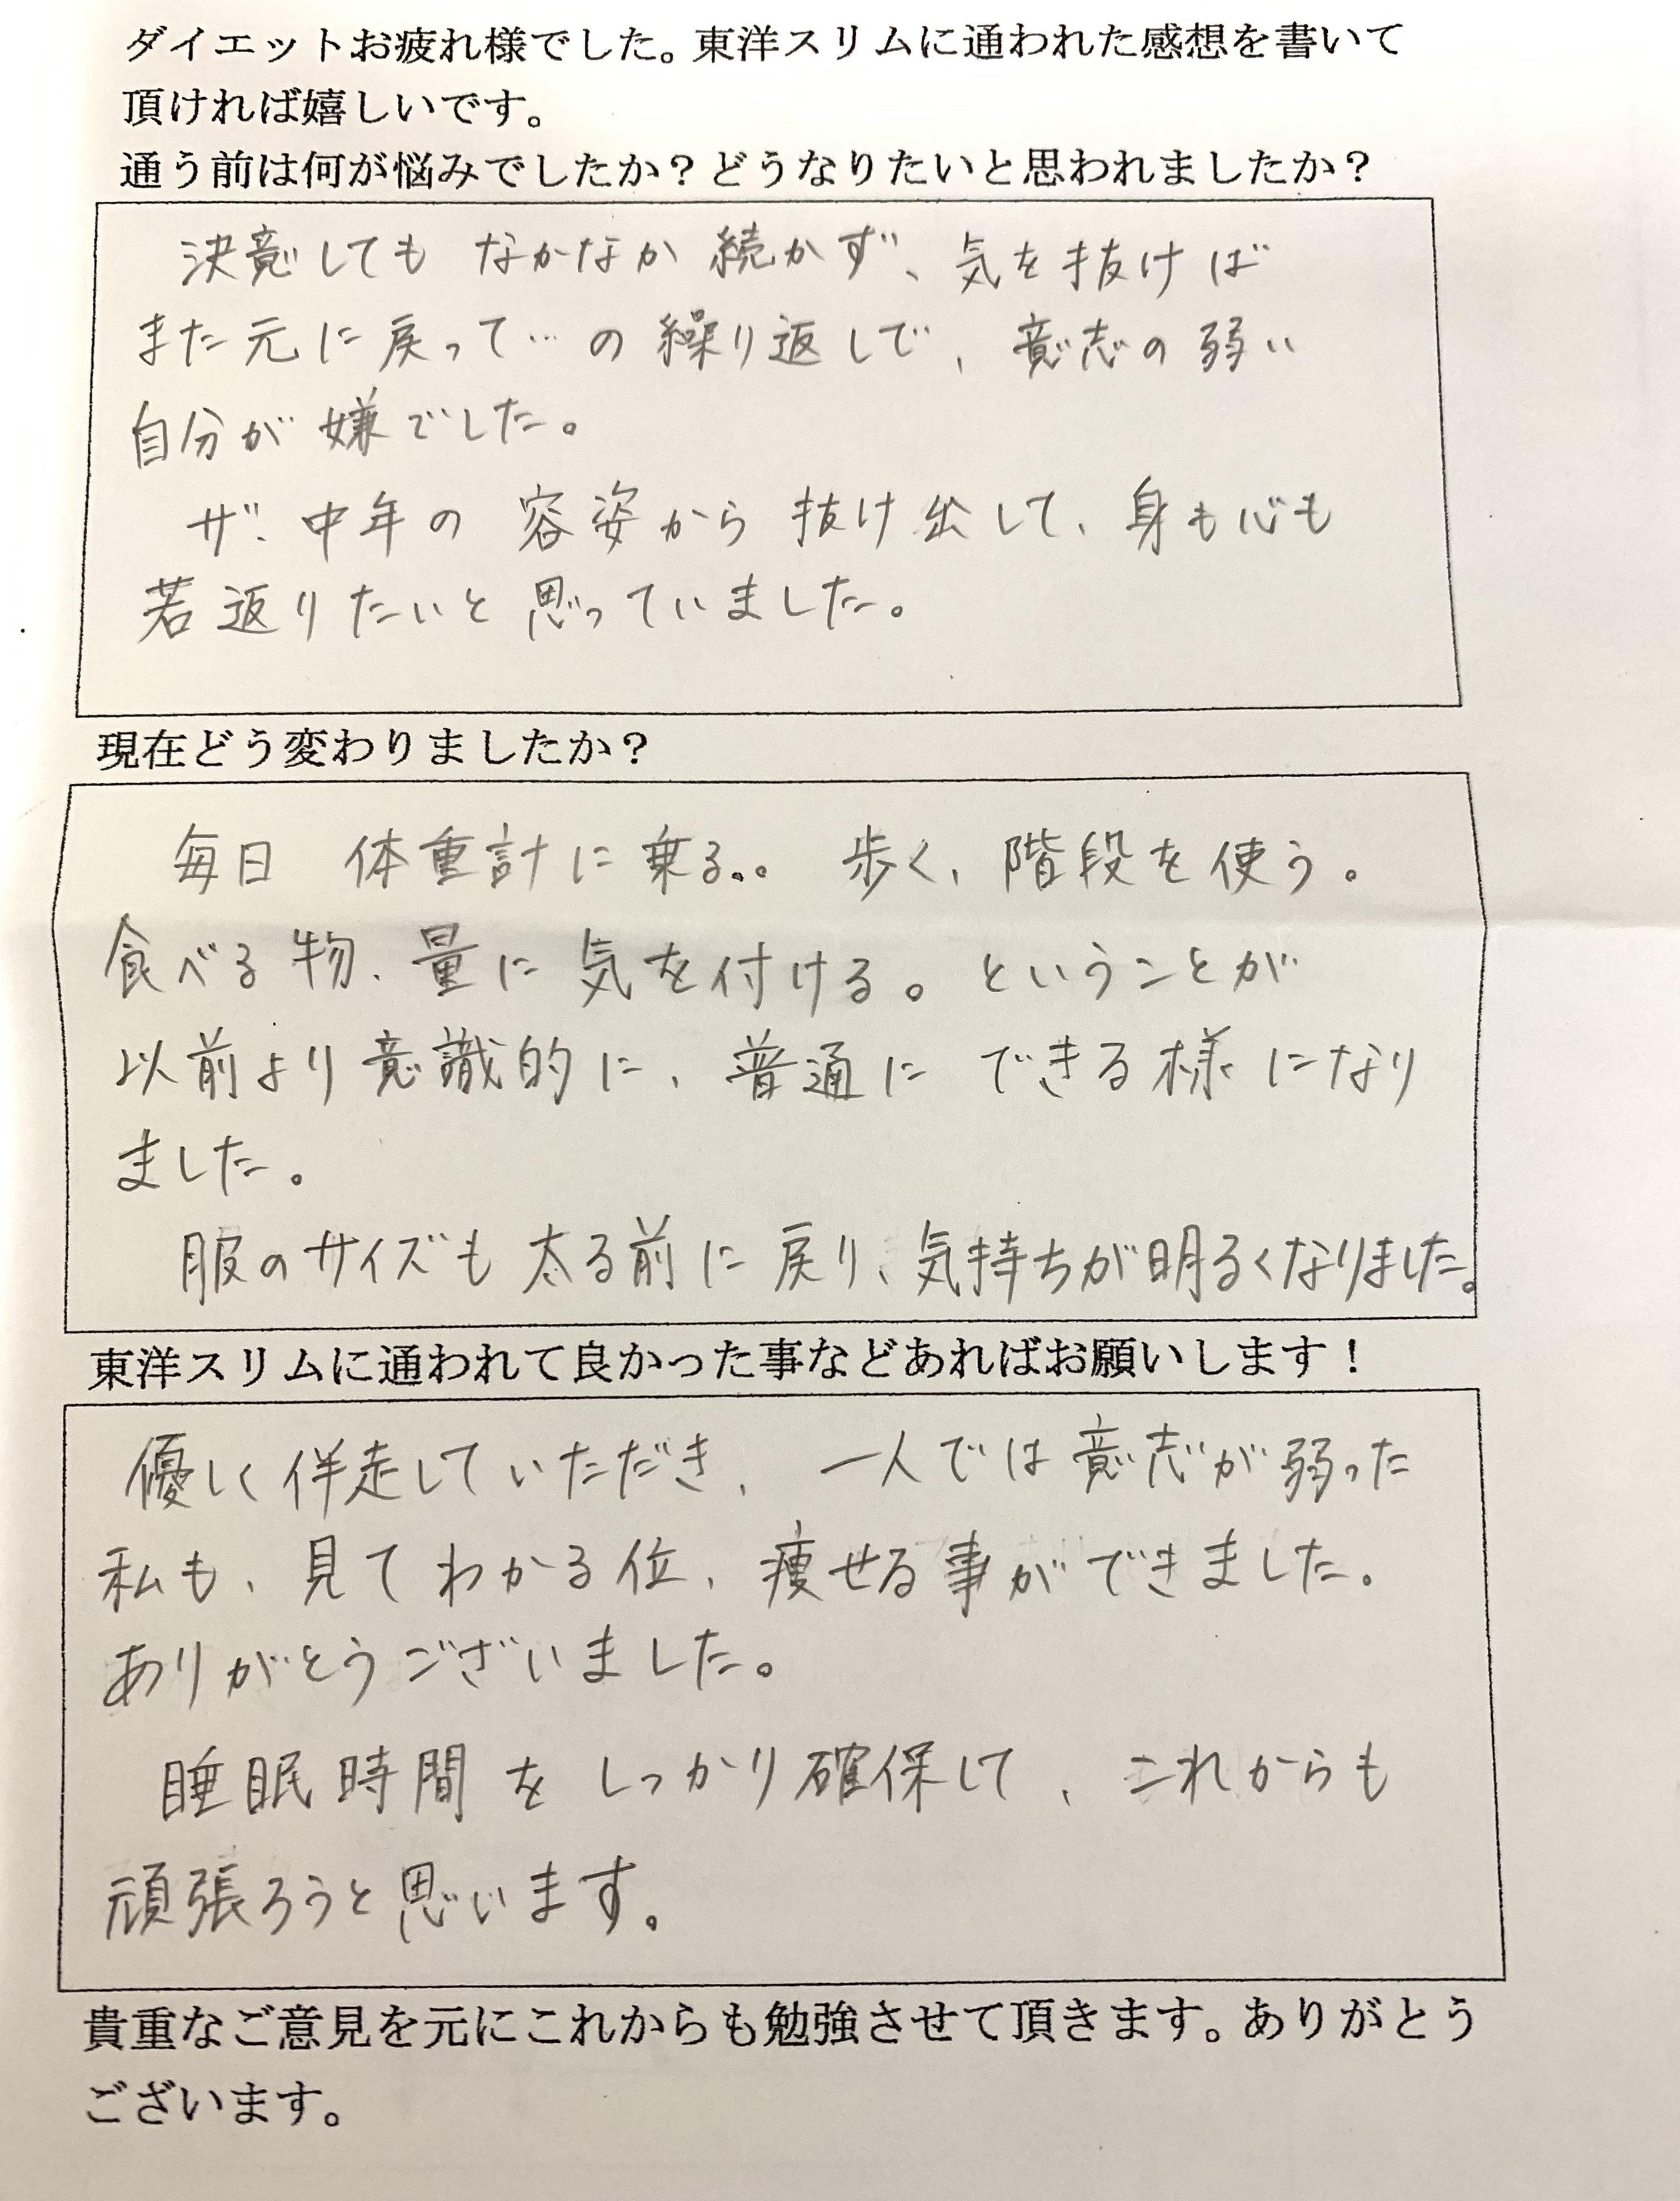 [皆様の声]大阪市西淀川区Nさん(40代)耳つぼダイエット4kg成功。体脂肪率18%代に。